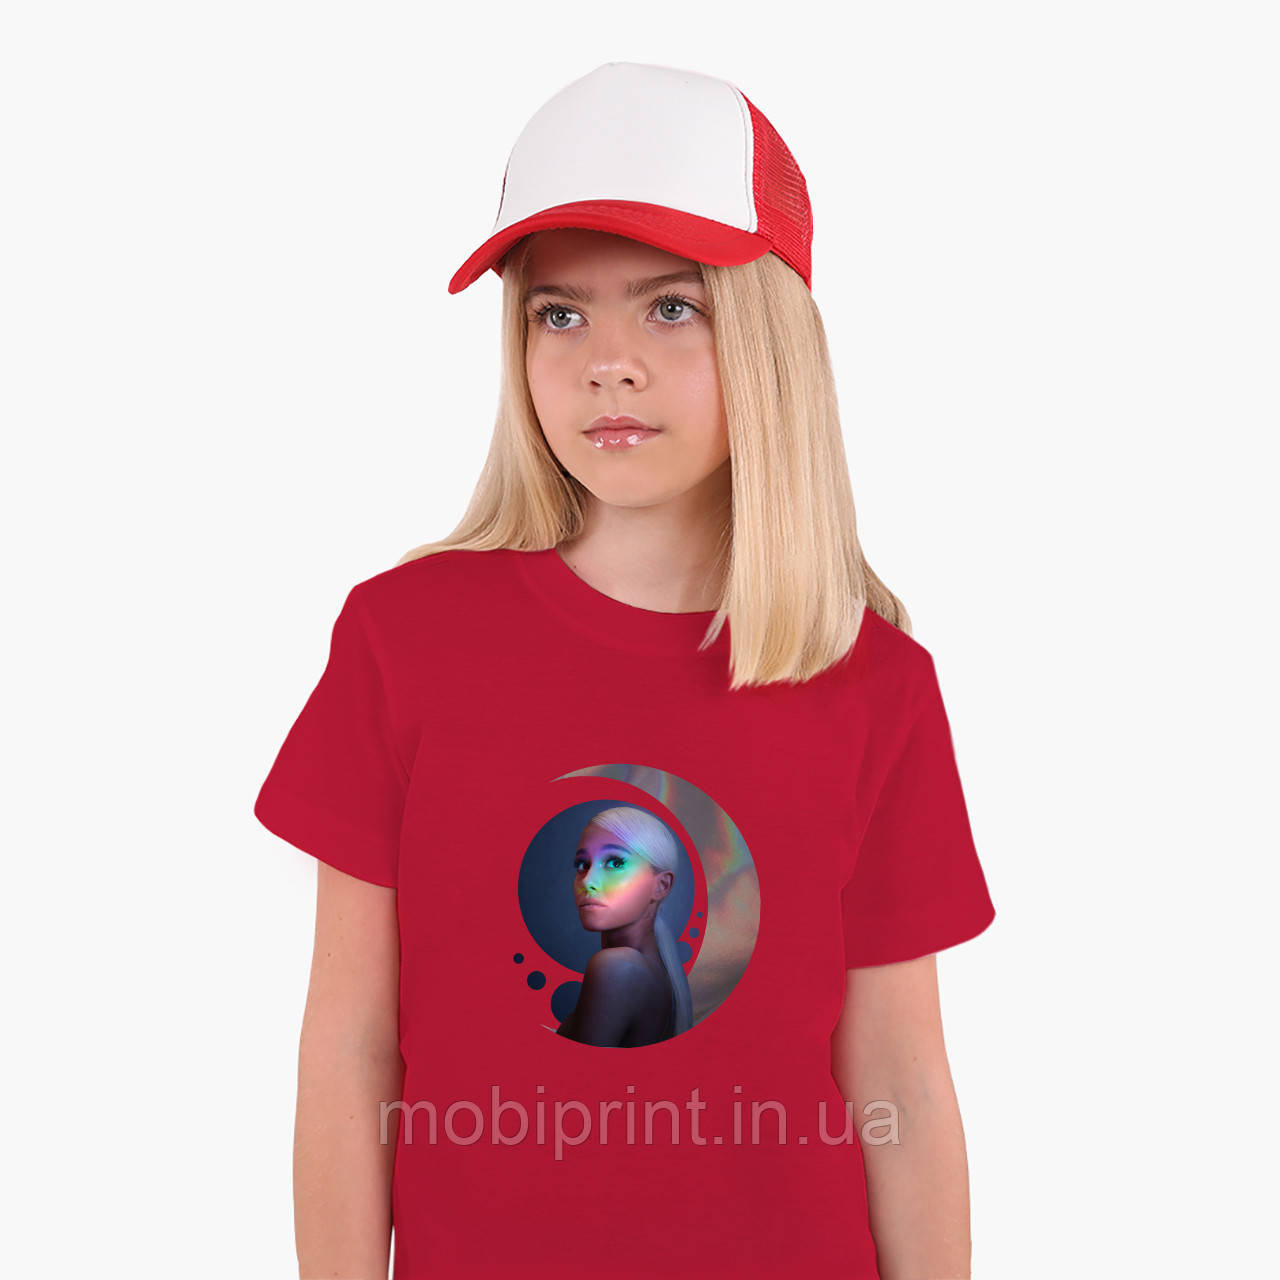 Детская футболка для девочек Ариана Гранде (Ariana Grande) (25186-1622) Красный